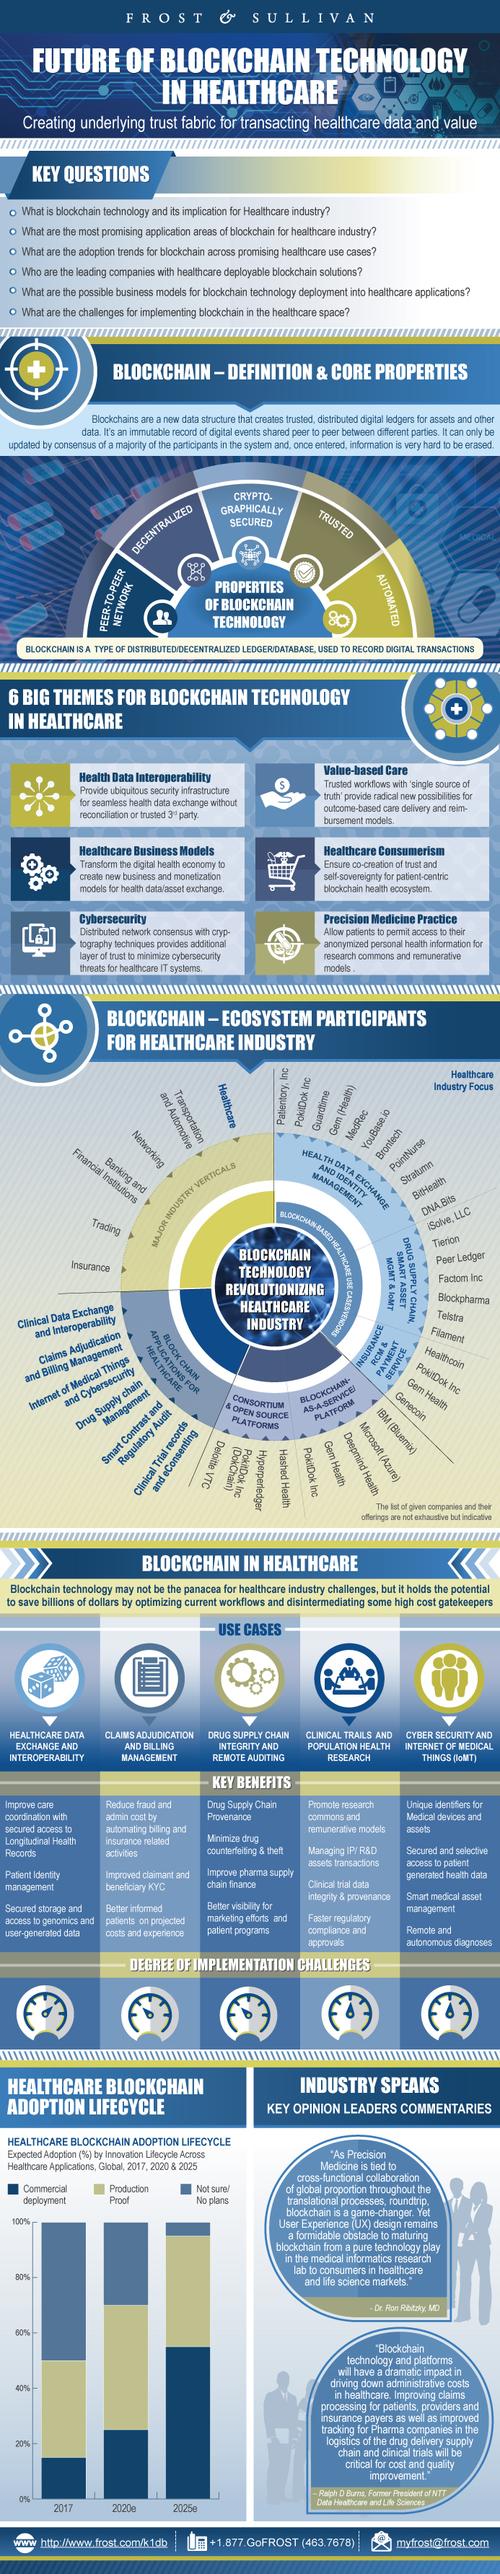 Blockchain Healthcare Frost_Sullivan HealthTech